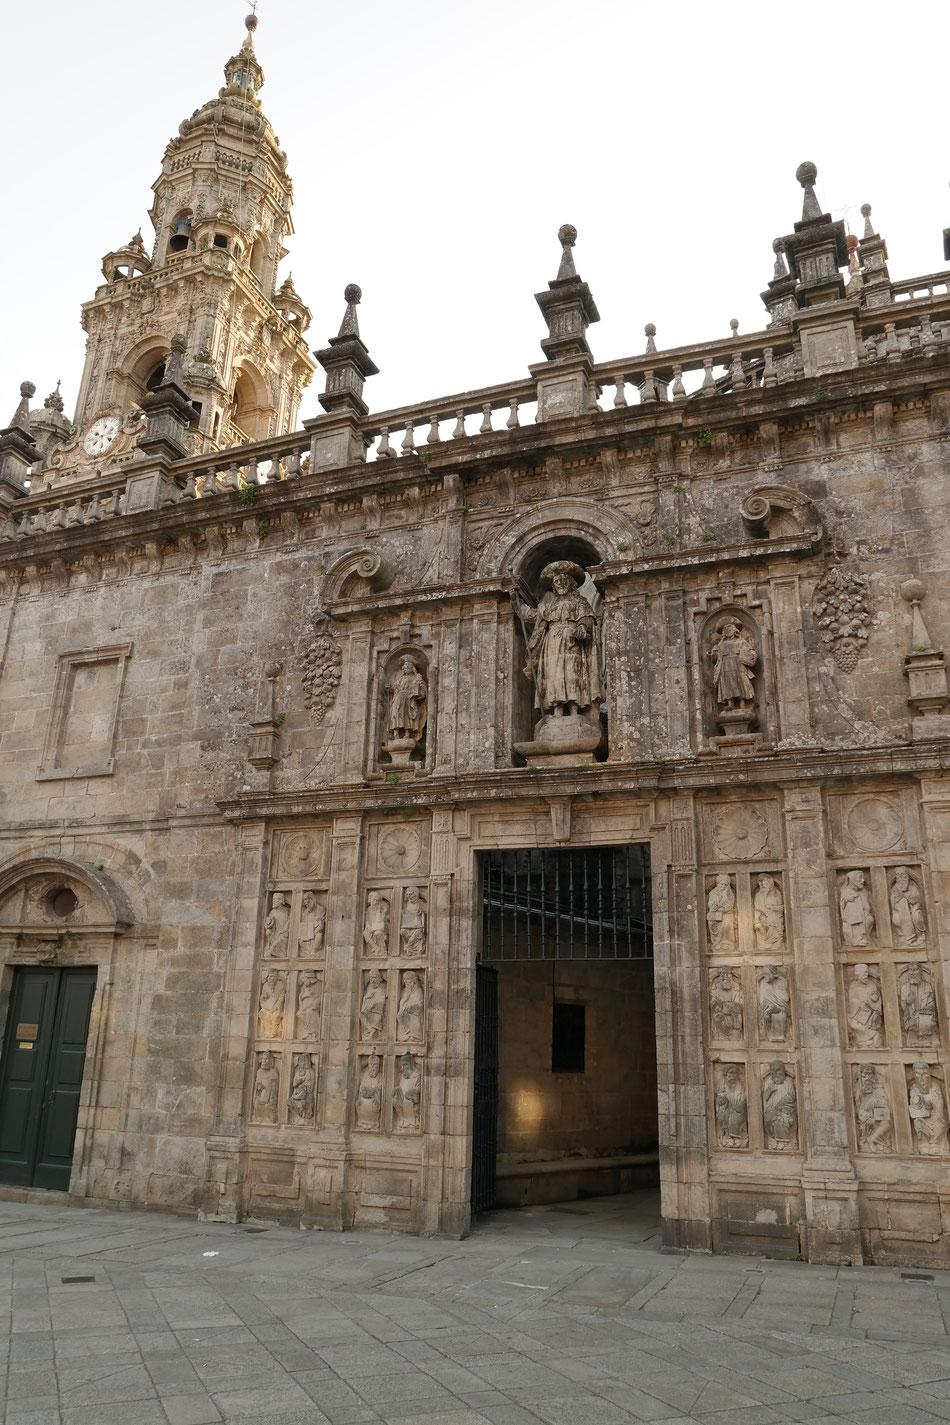 Heilige Pforte (Porta Sancta) ist geöfnet! Die Pforte ist noch bis zum 20. November 2016 außerplanmäßig geöffnet, weil der Papst Franziskus das Heilige Jahr der Barmherzigkeit ausgerufen hat. Die nächste Gelegenheit wird 2021 geben.